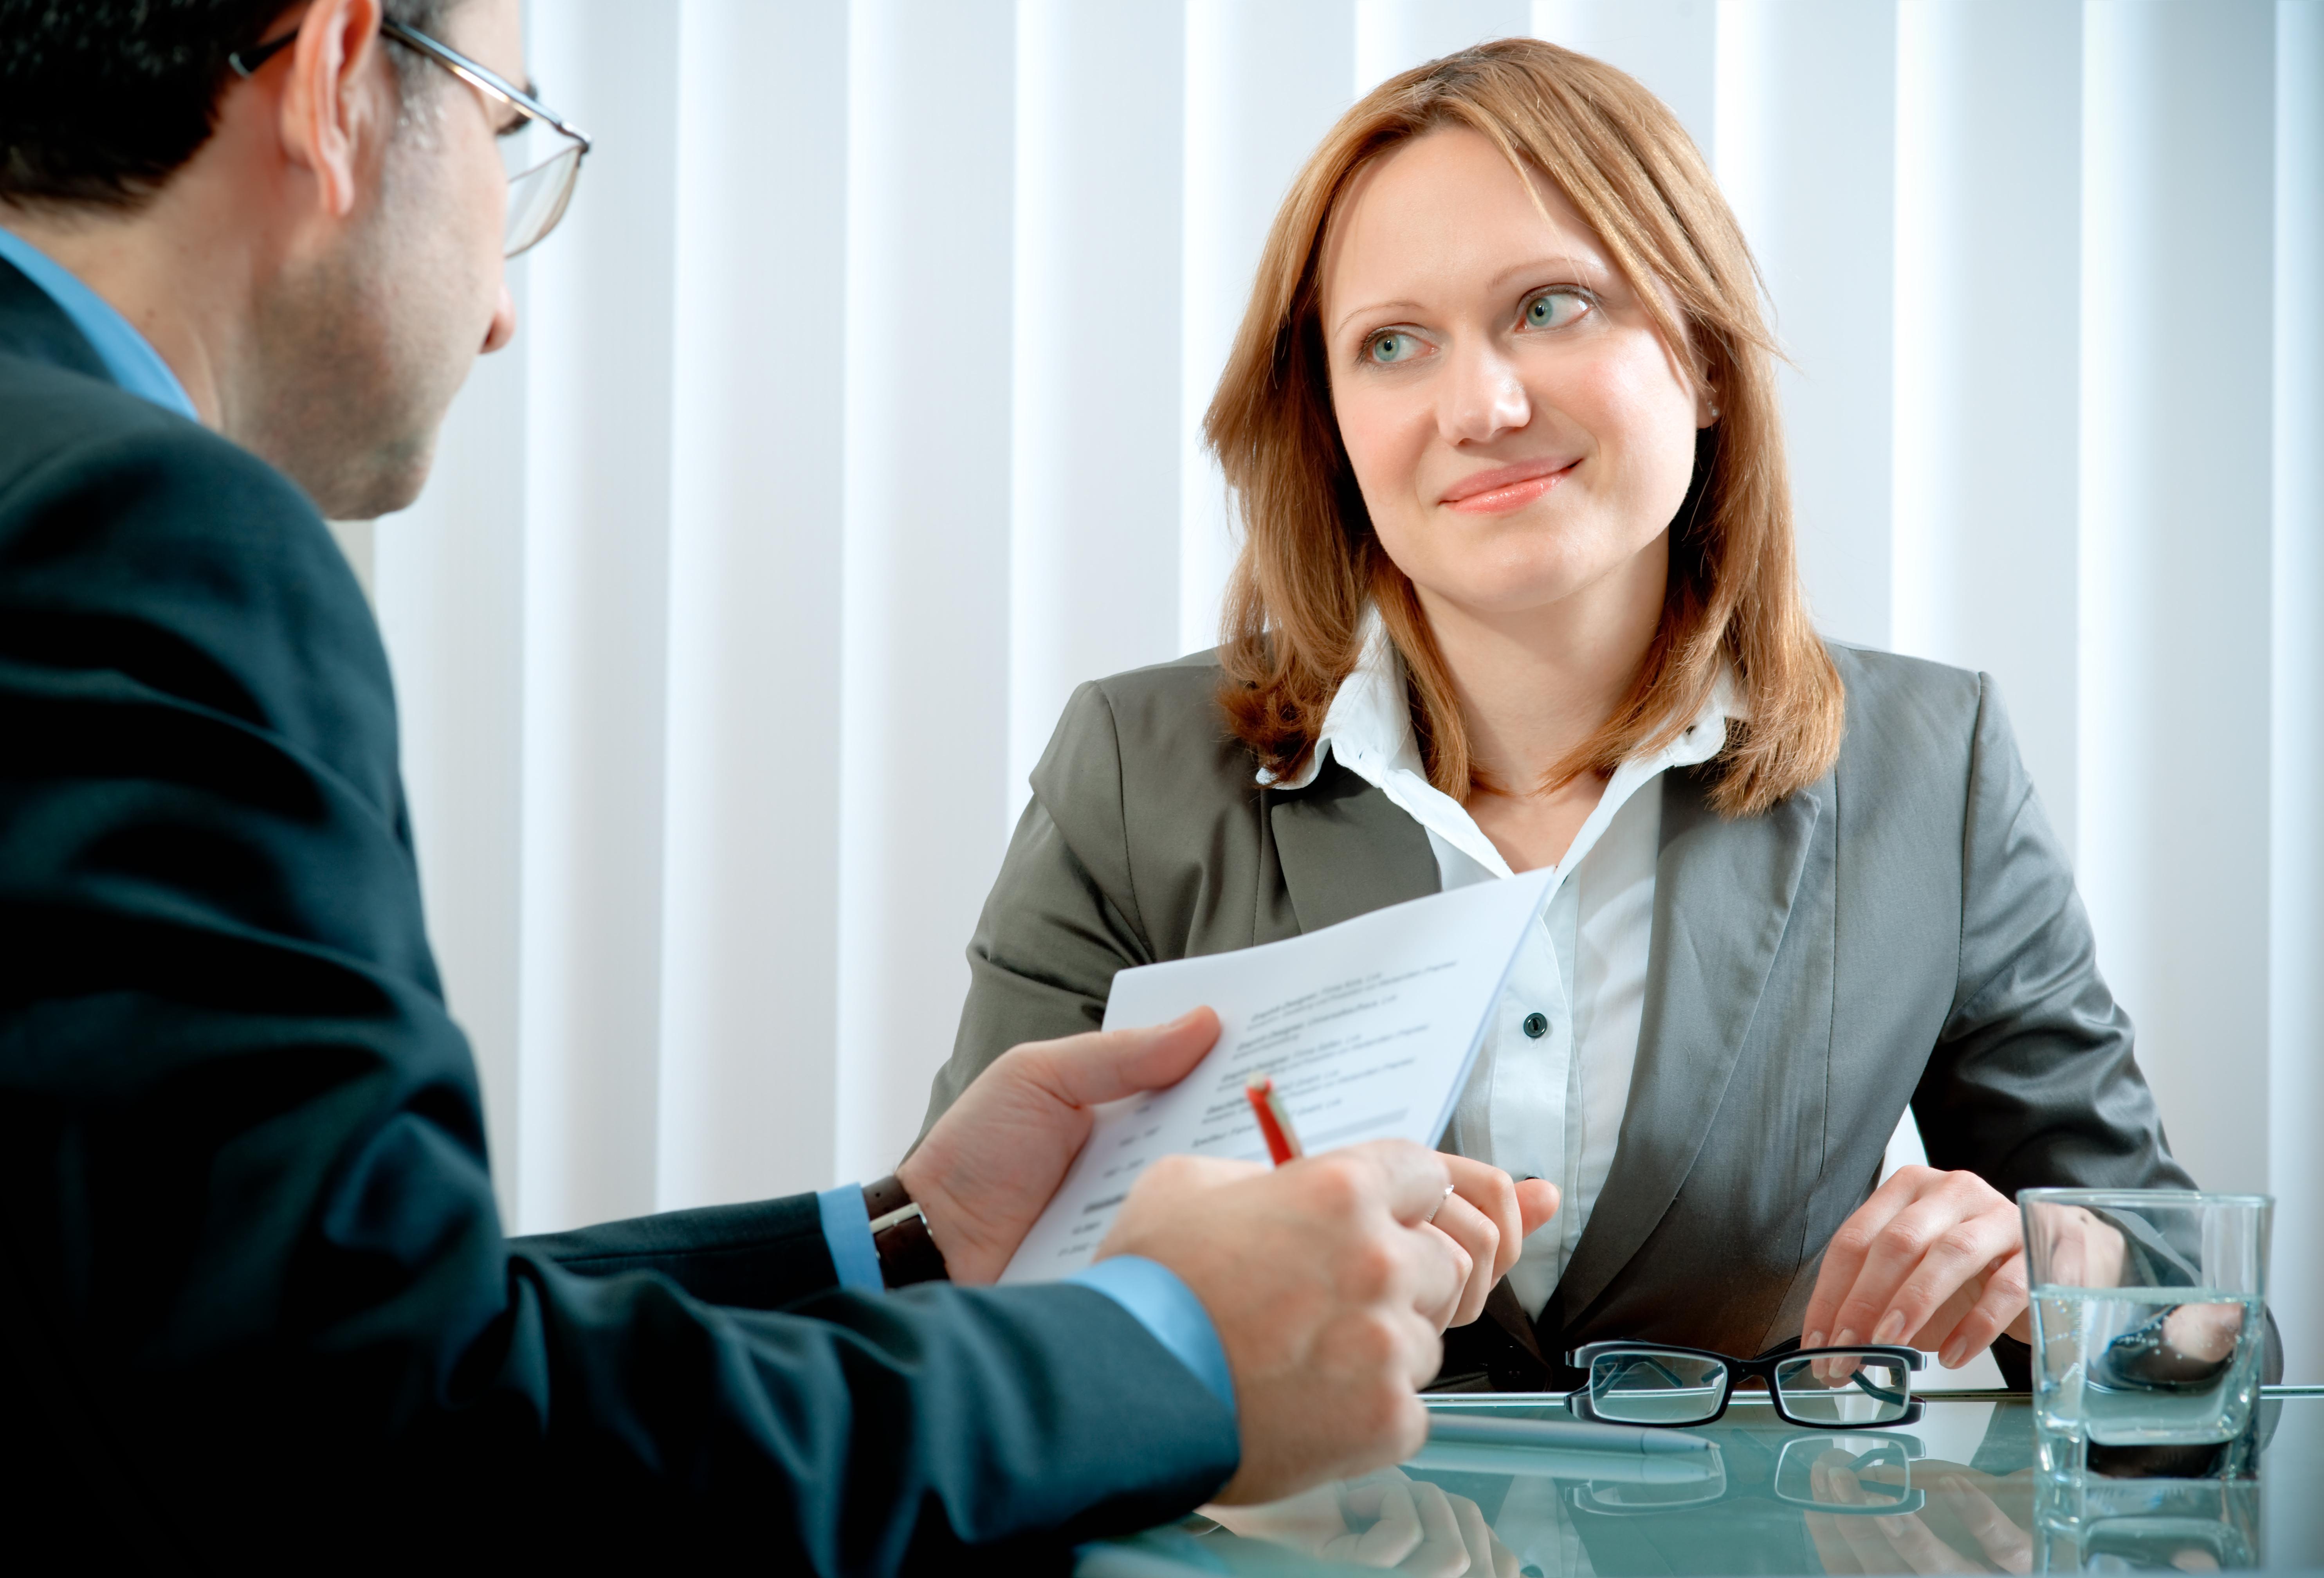 Intrebarile din cadrul interviului de angajare